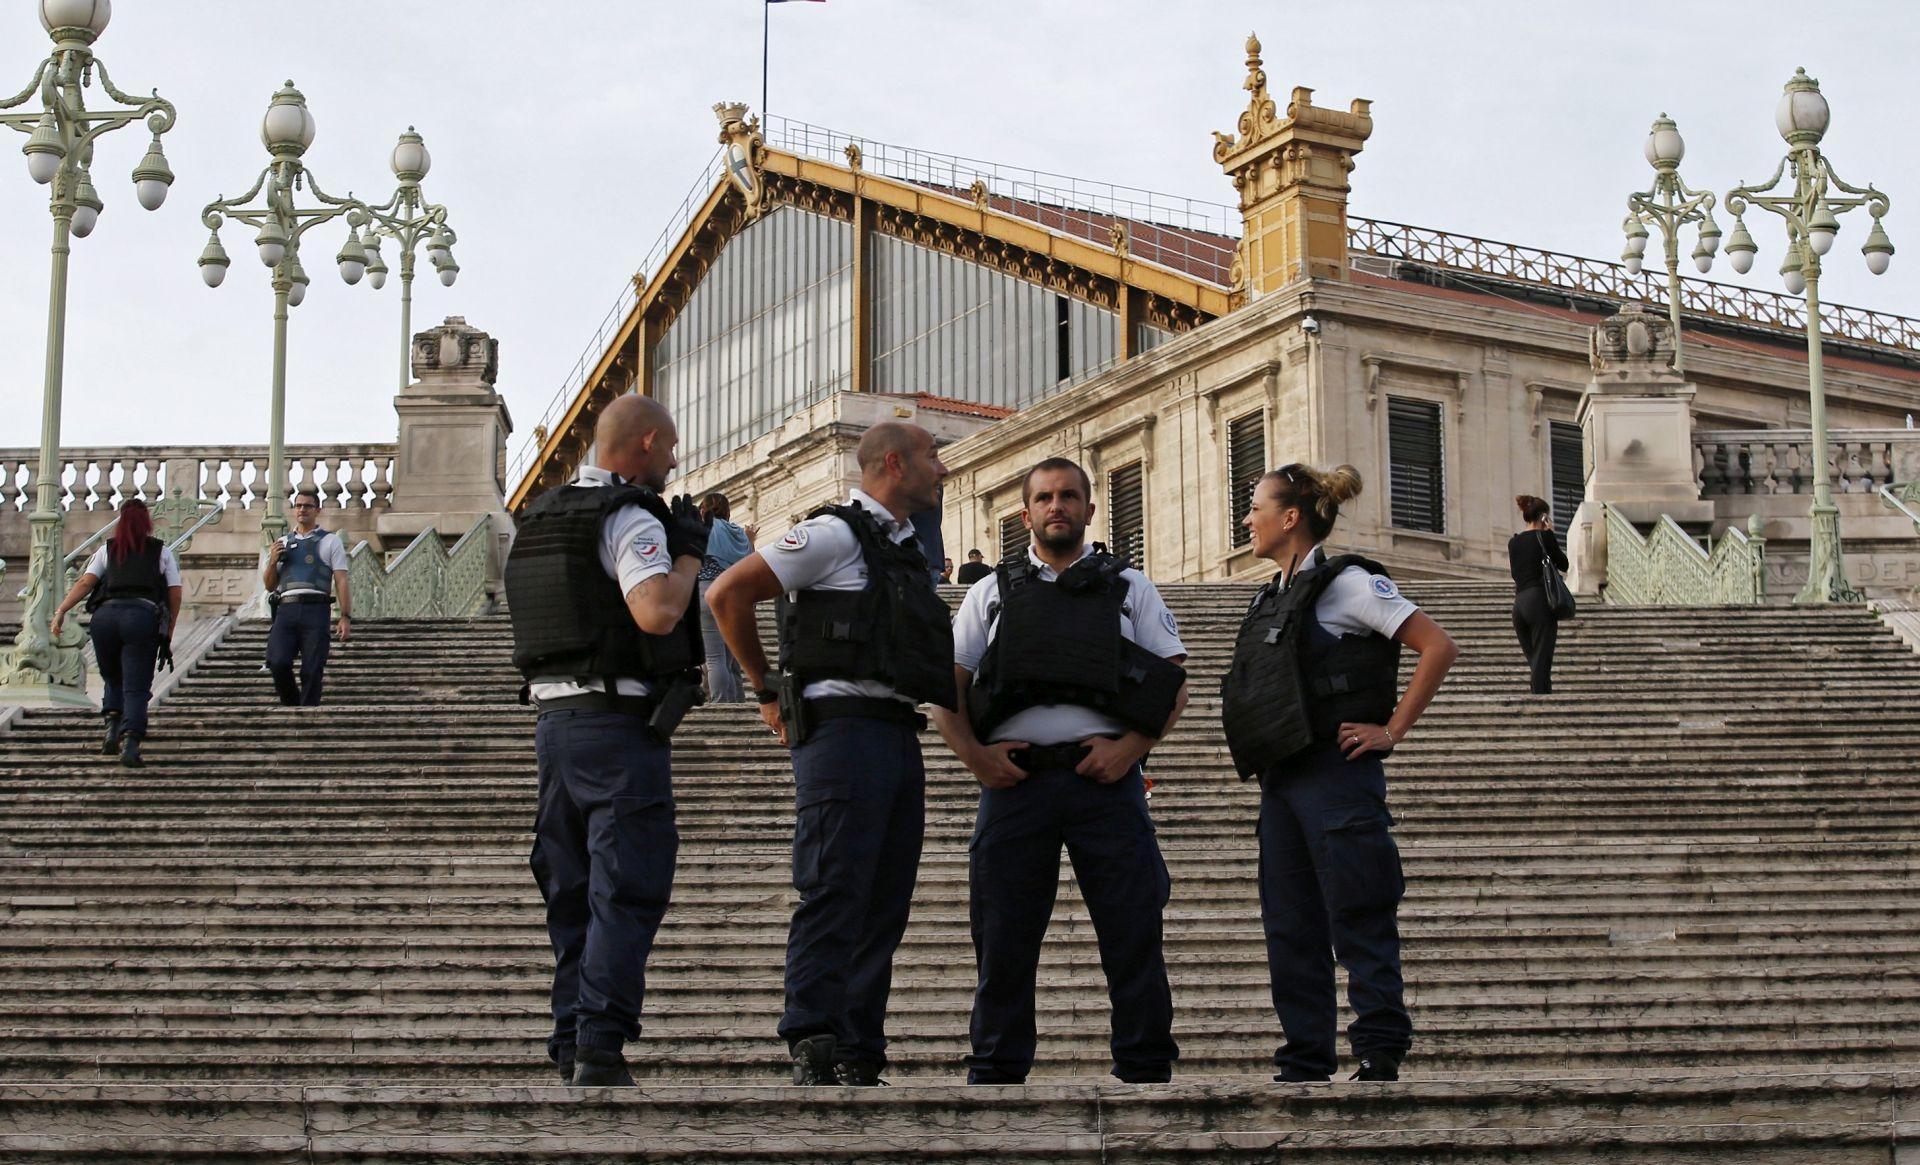 DVIJE GODINE NAKON NAPADA U Francuskoj ukinuto izvanredno stanje